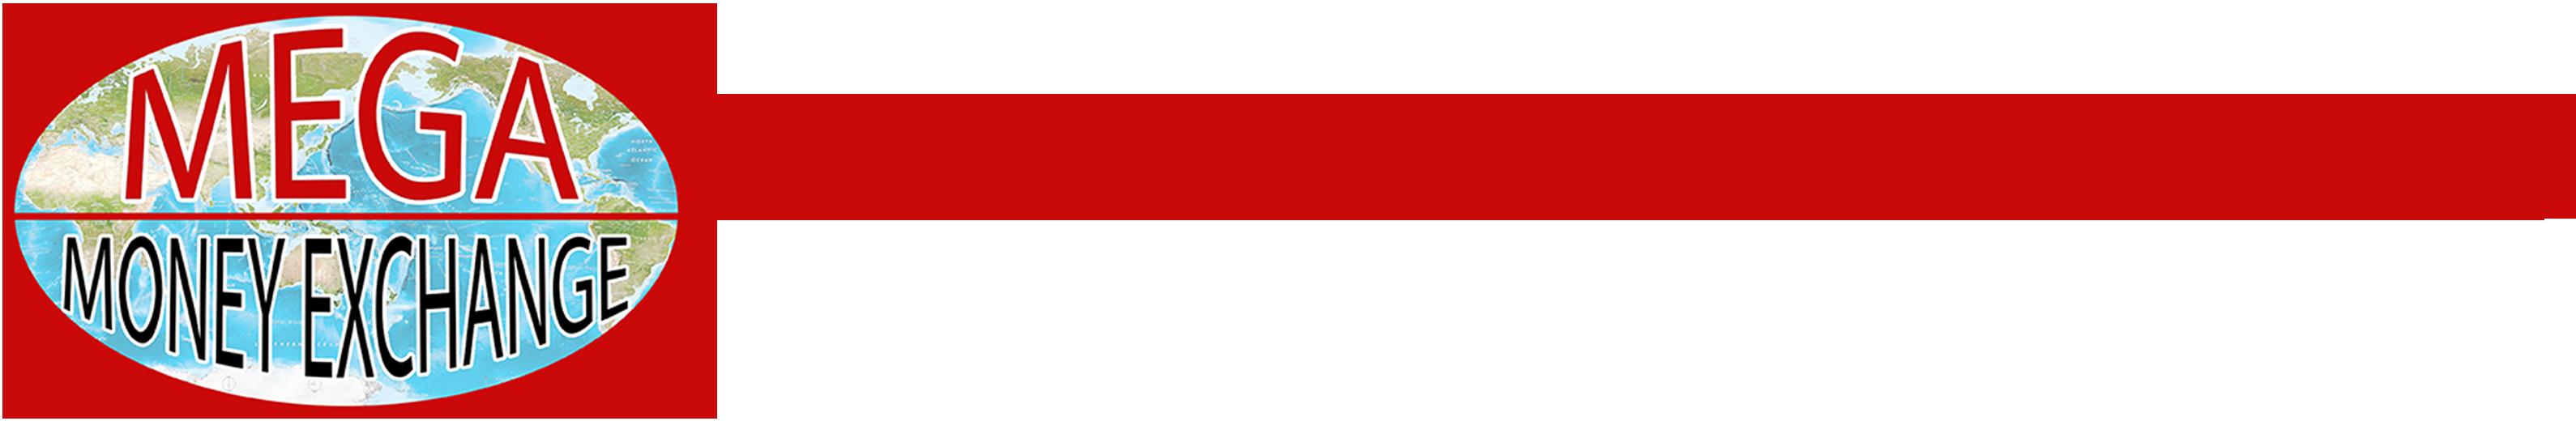 Mega Money Exchange